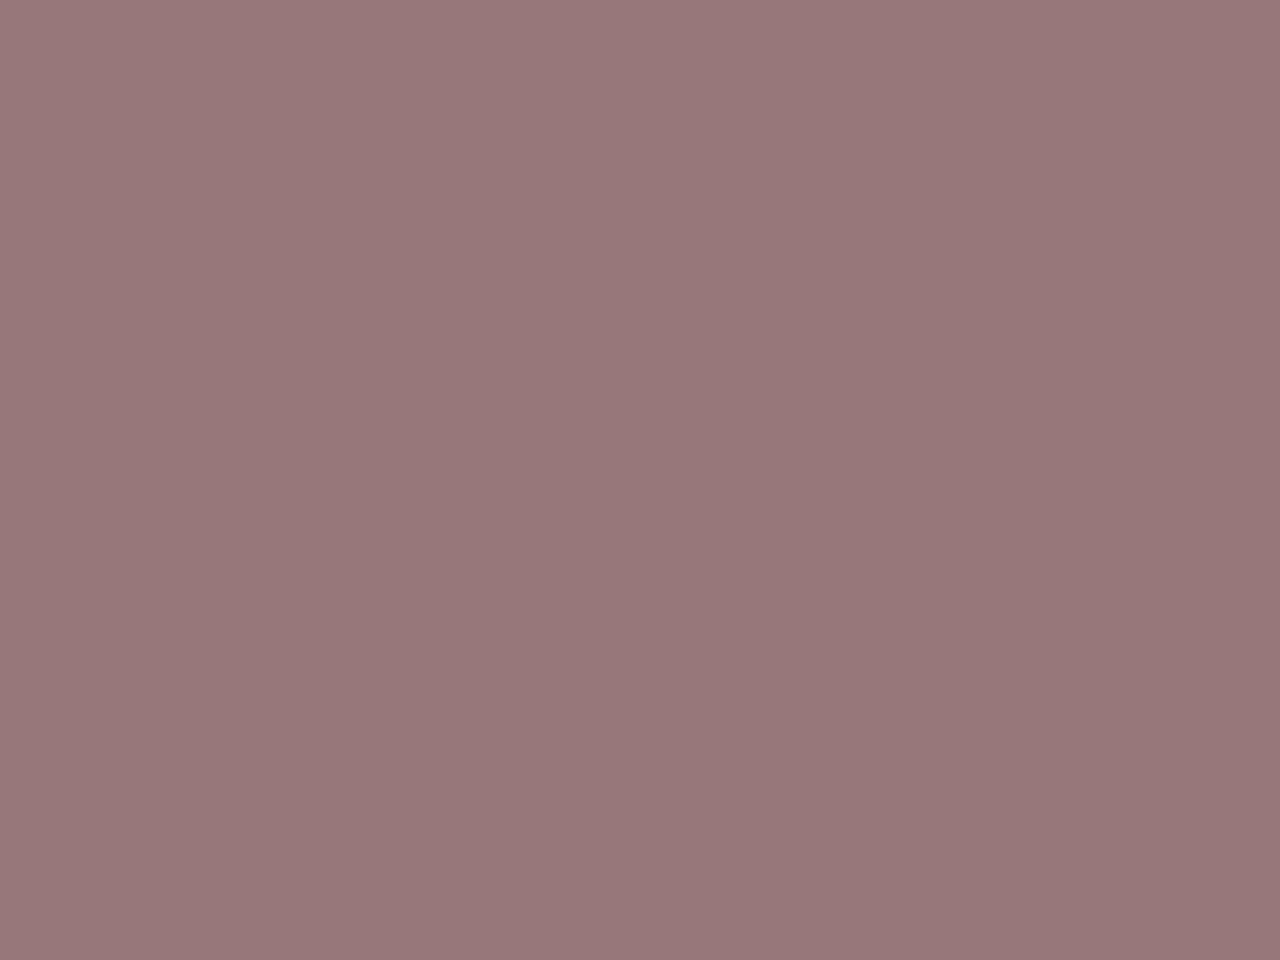 1280x960 Bazaar Solid Color Background